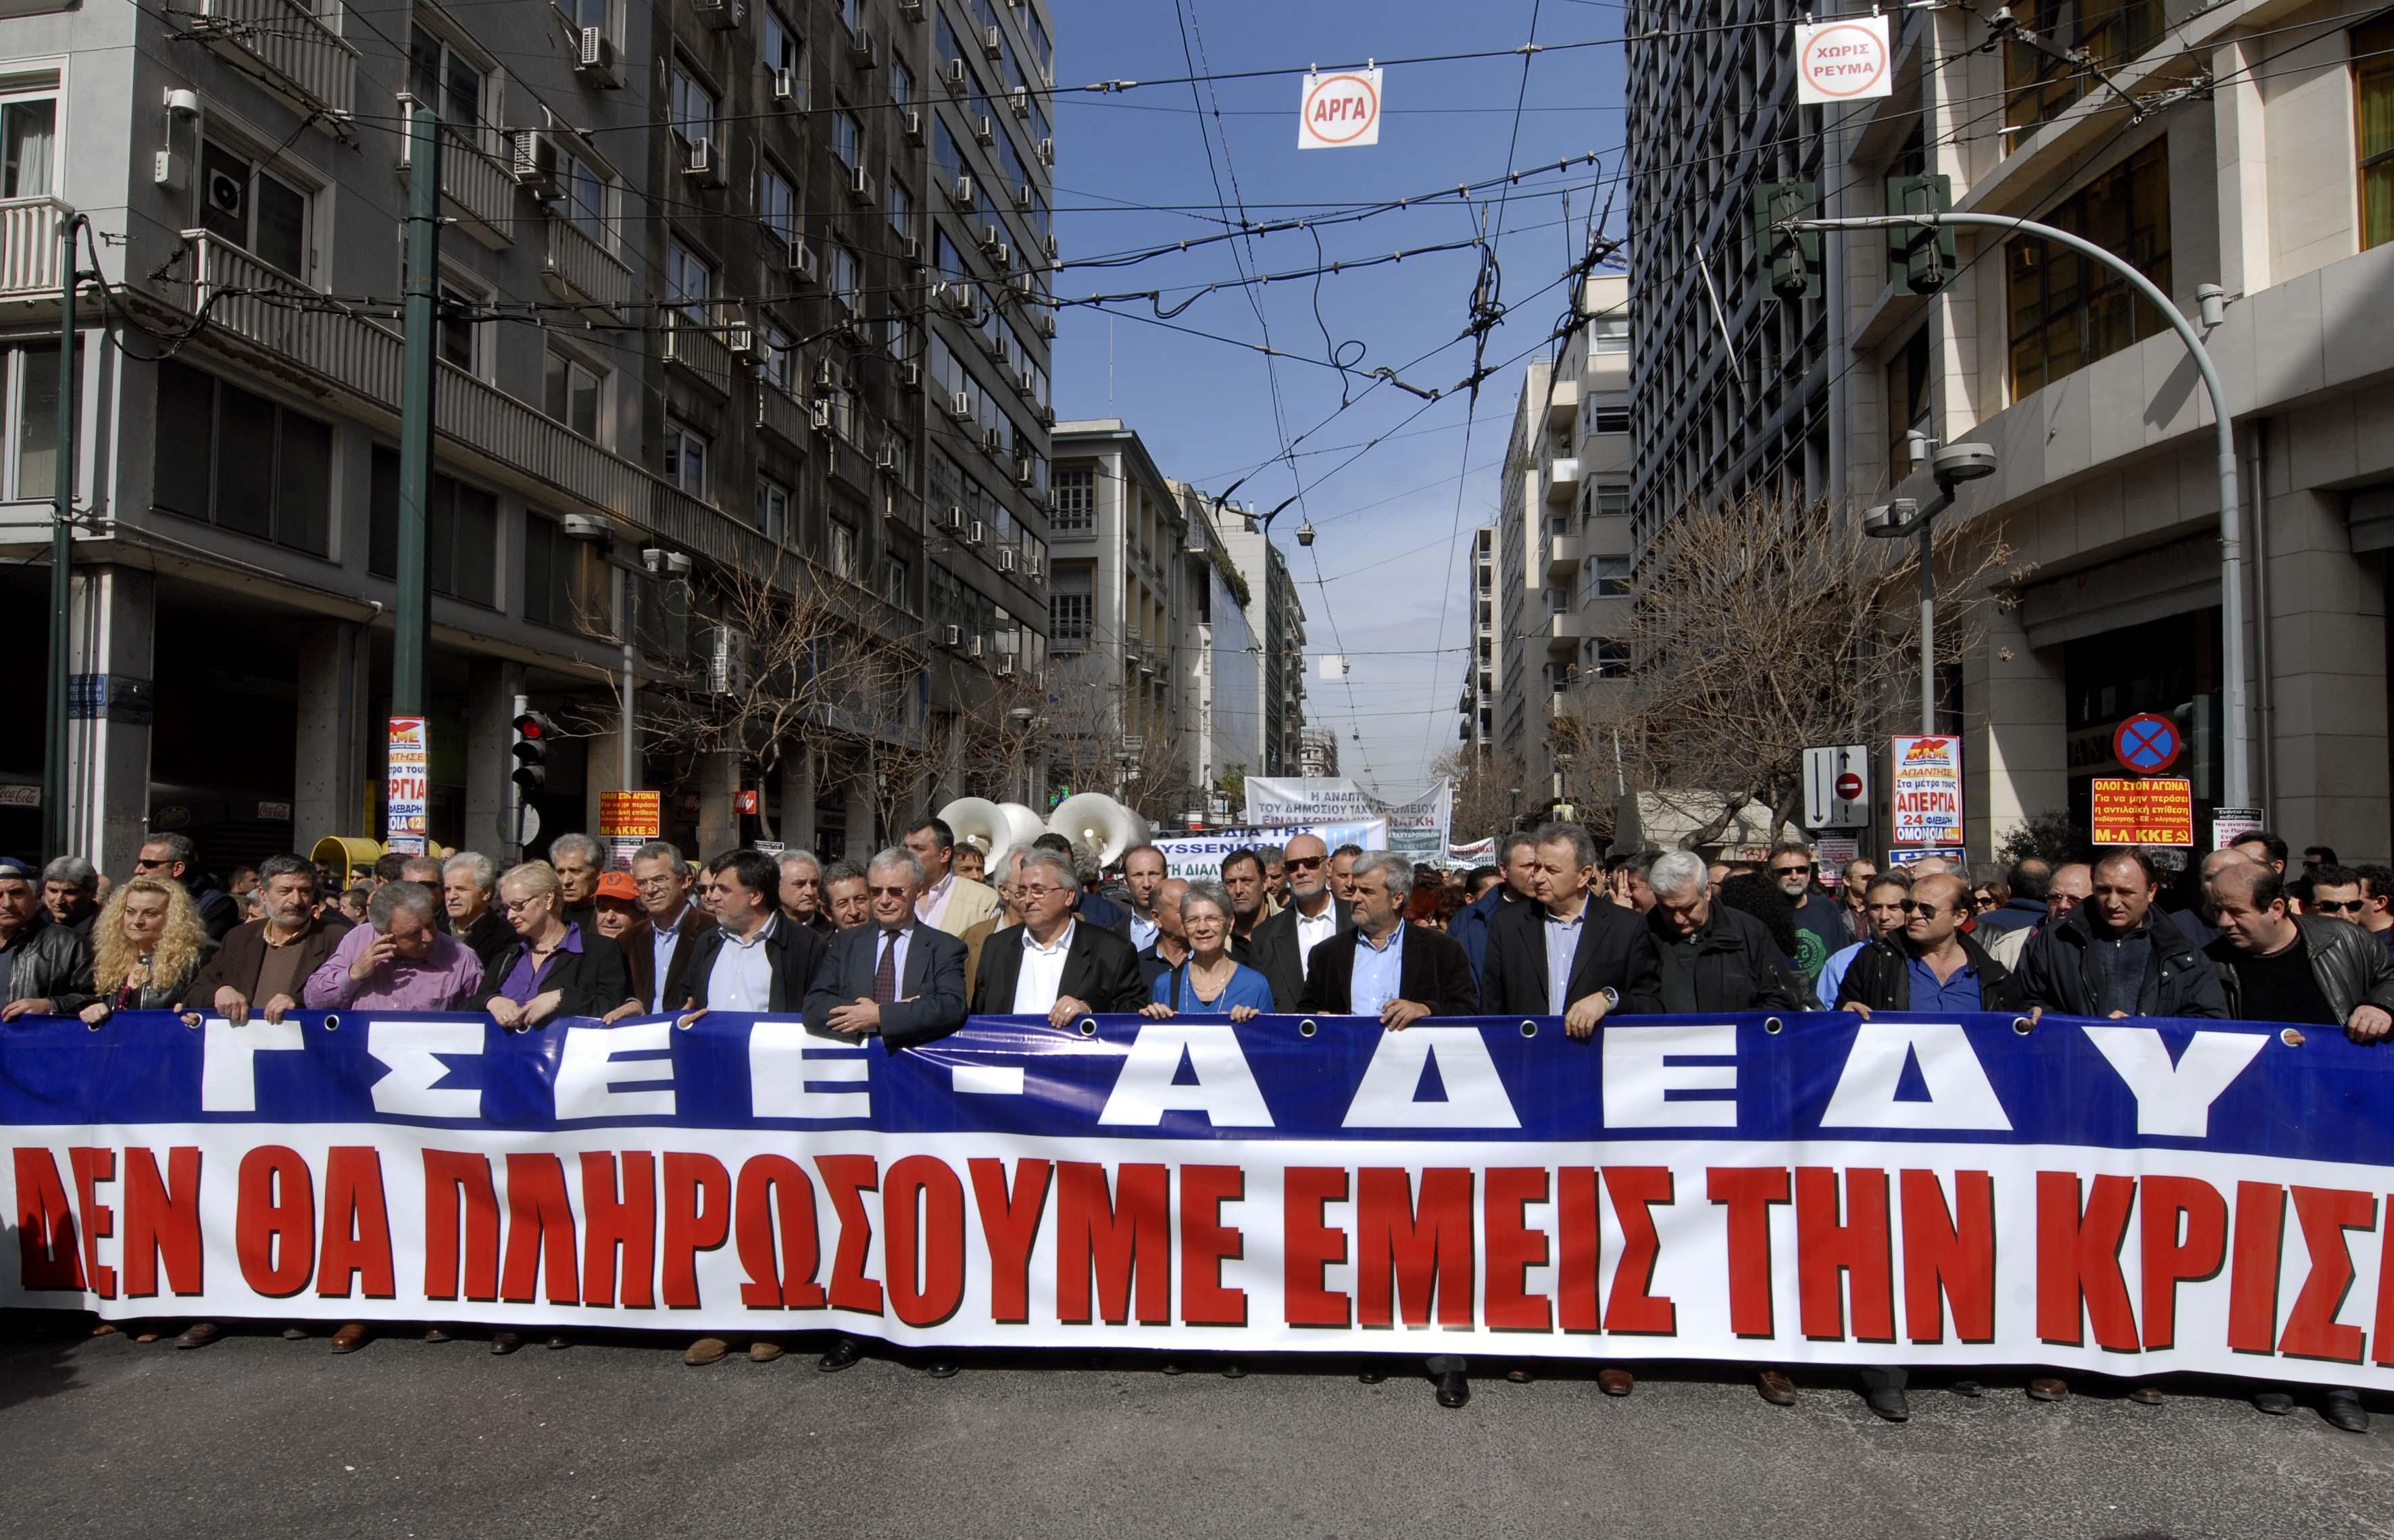 Αύριο η γενική απεργία ΓΣΕΕ – ΑΔΕΔΥ: «Κατεβάζει ρολά» η χώρα – Ποιοι κλάδοι απεργούν